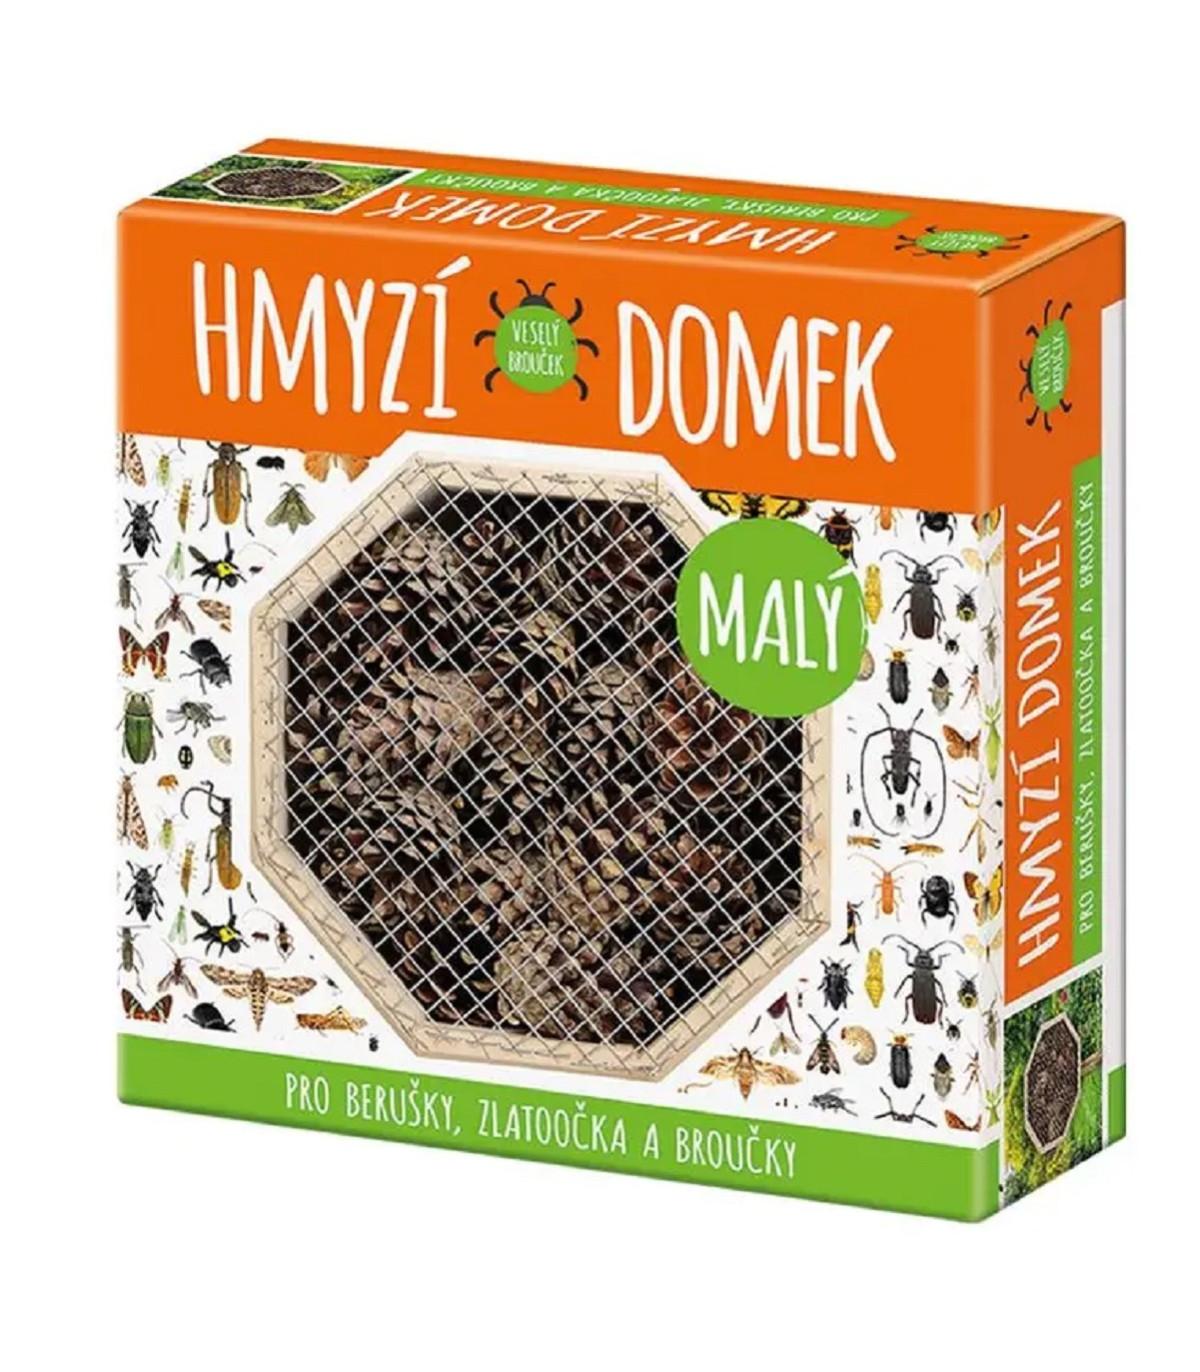 Domček pre hmyz malý - domček pre lienky, zlato-očká a chrobáčikov - 1 ks